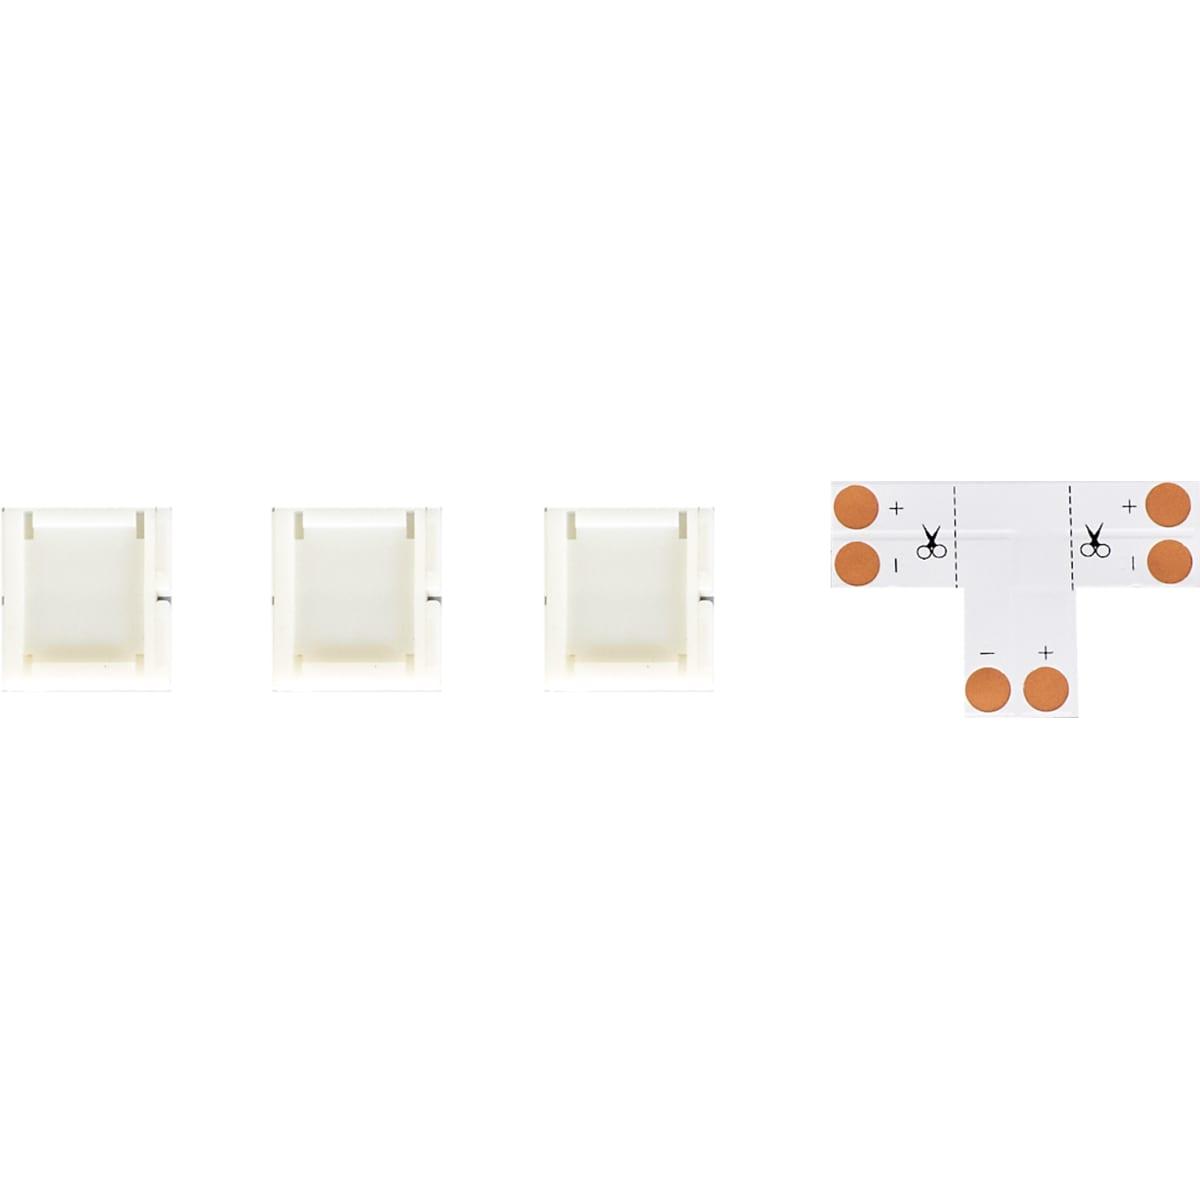 Коннект для одноцв светодиодной ленты 3014 5050 5060 5630 12 В 10 мм IP65 IP68 Т-образный 3 клипсы, контакты по центру